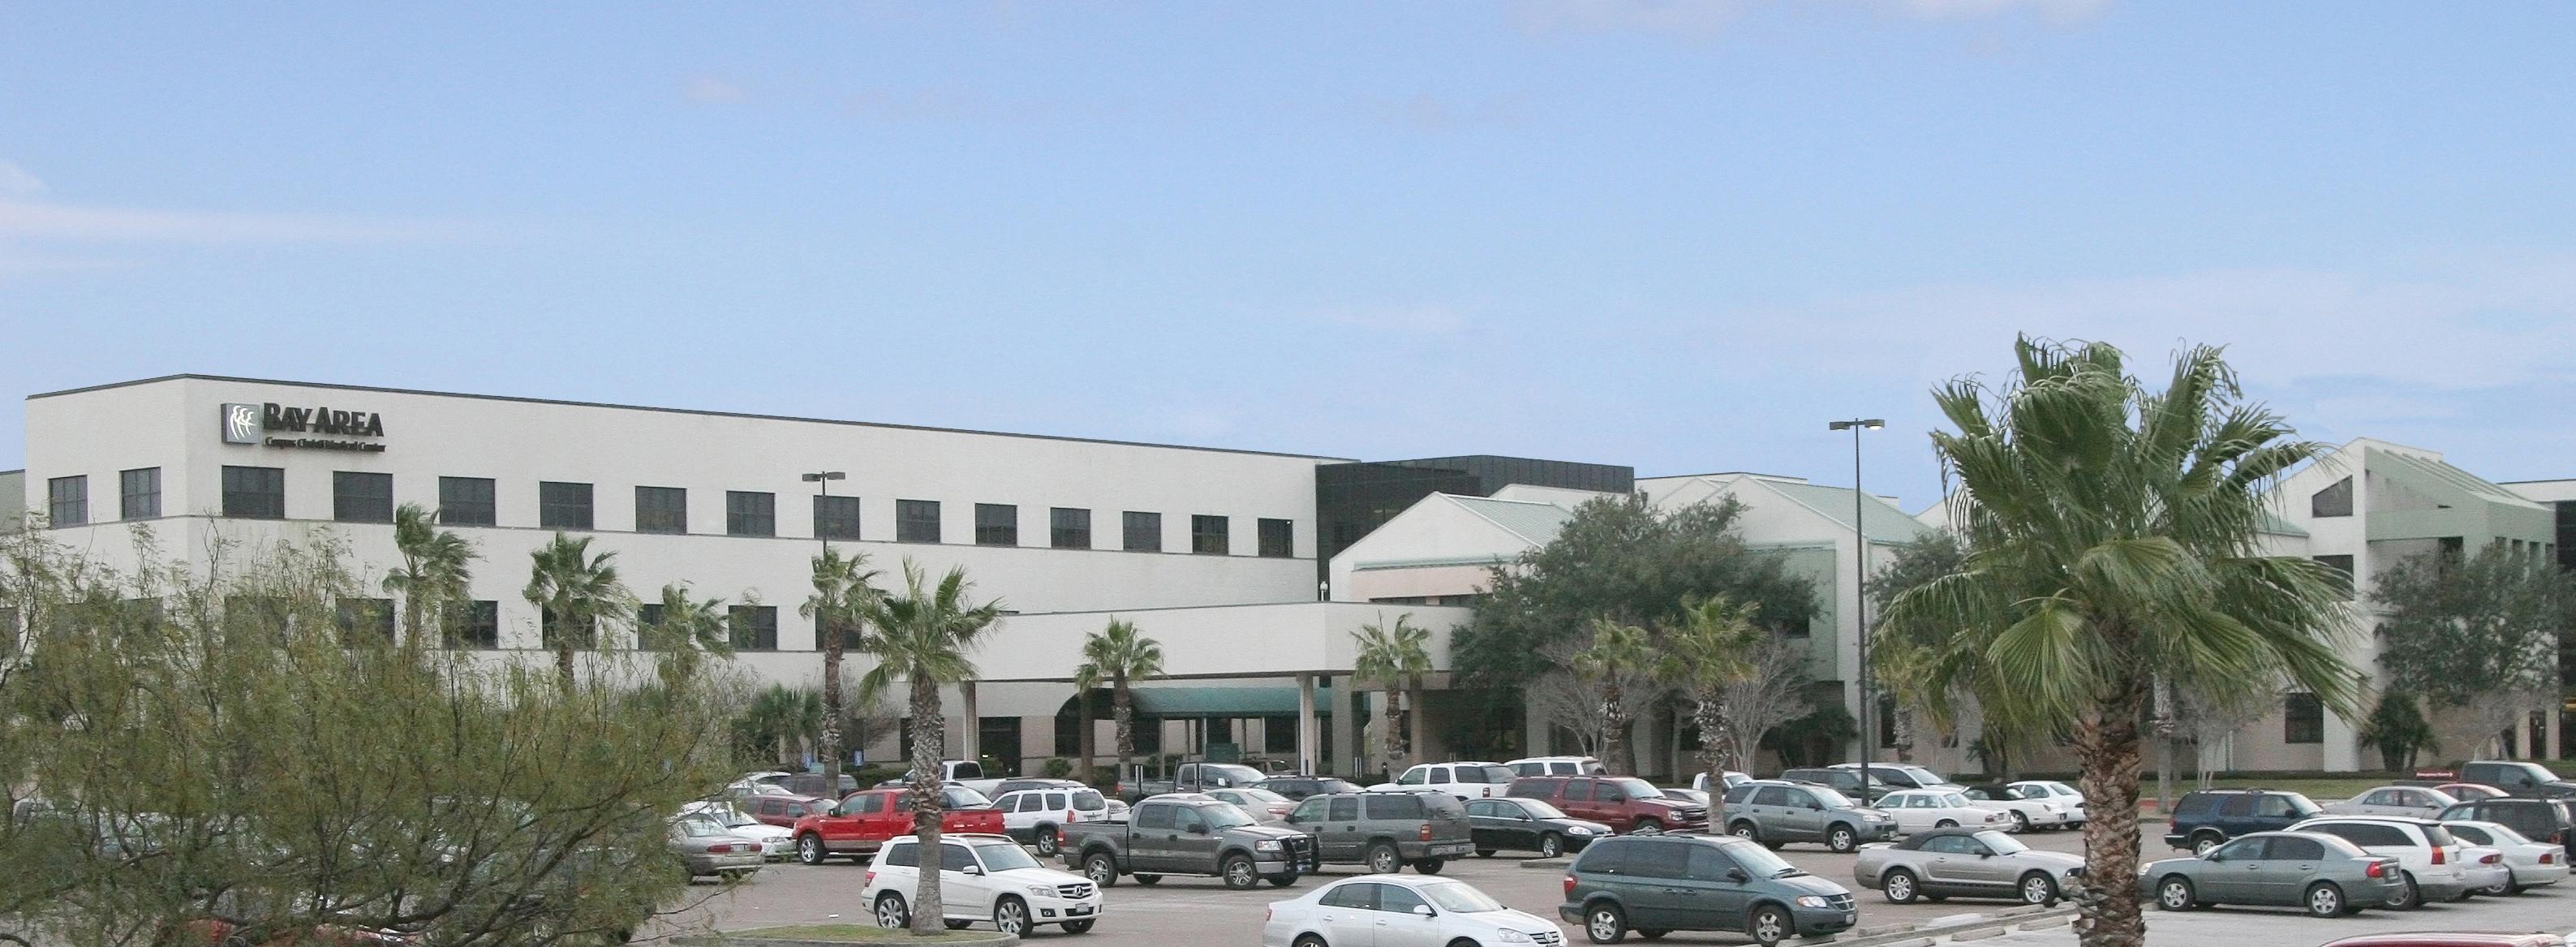 Bay Area Hospital Corpus Christi Medical Center Corpus